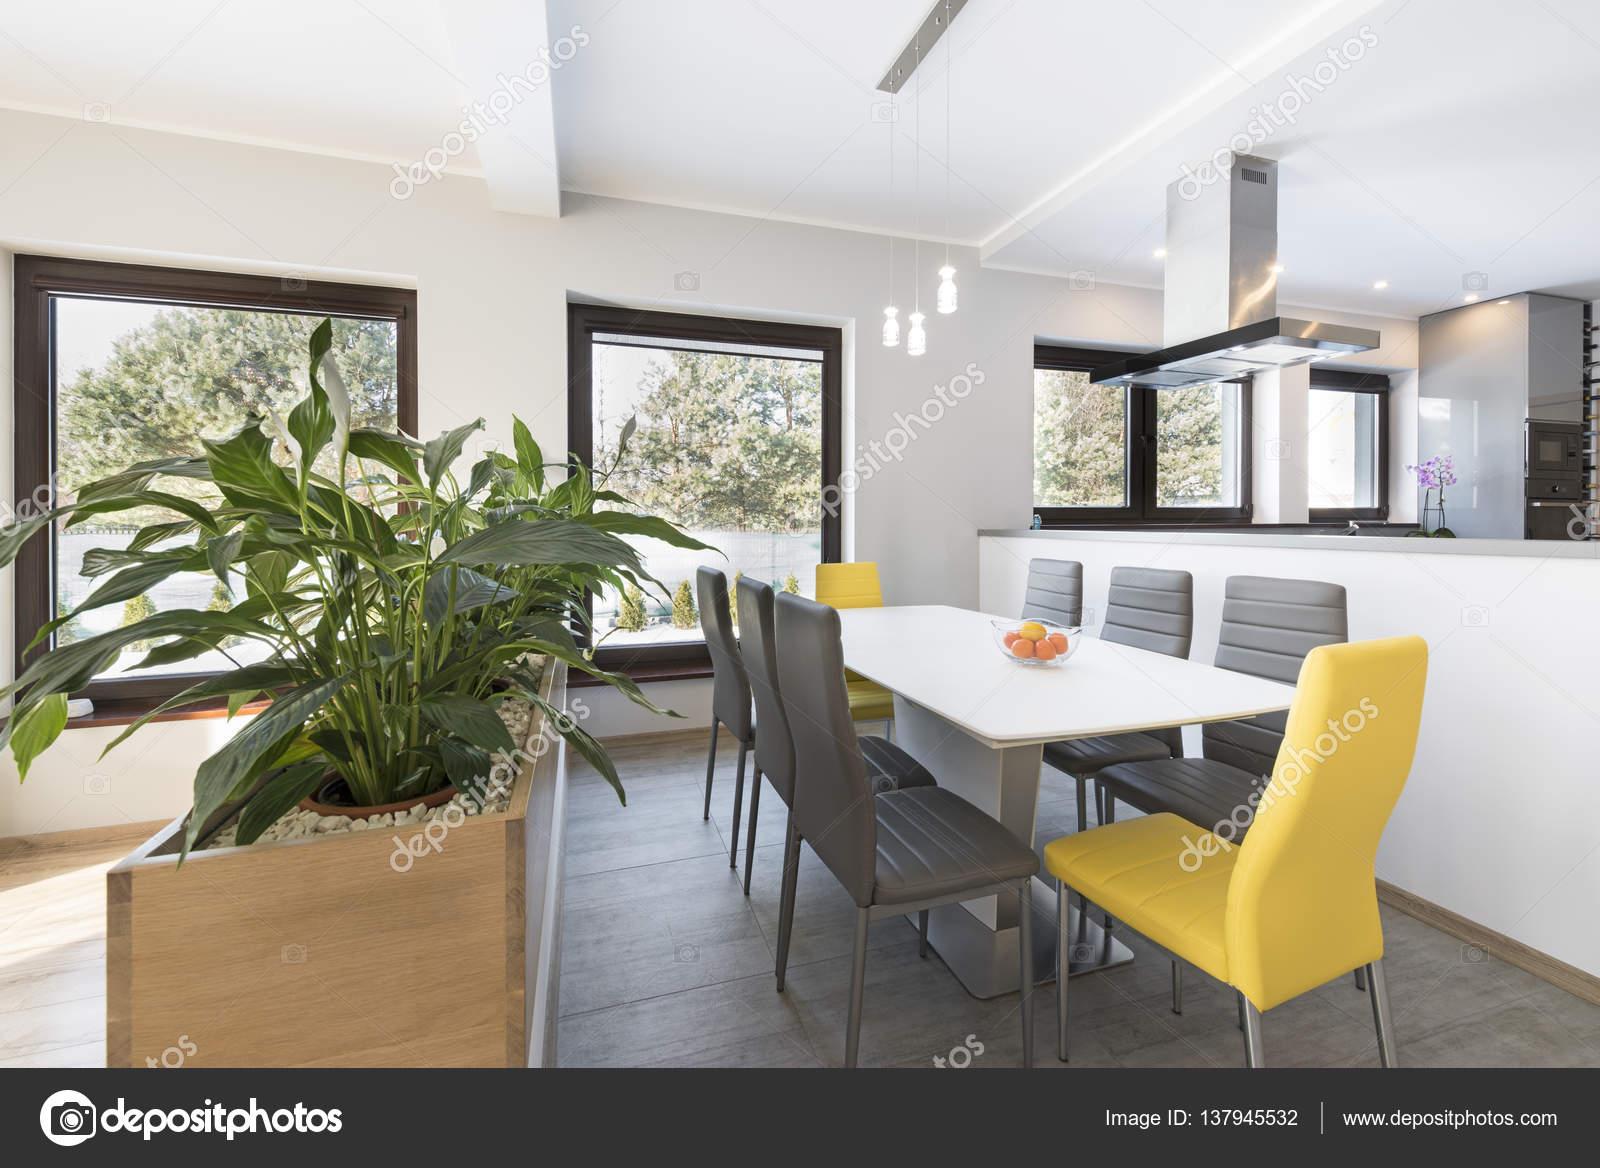 Blickfang Esstisch Wohnzimmer Ideen Von Luxuriöses Mit — Stockfoto